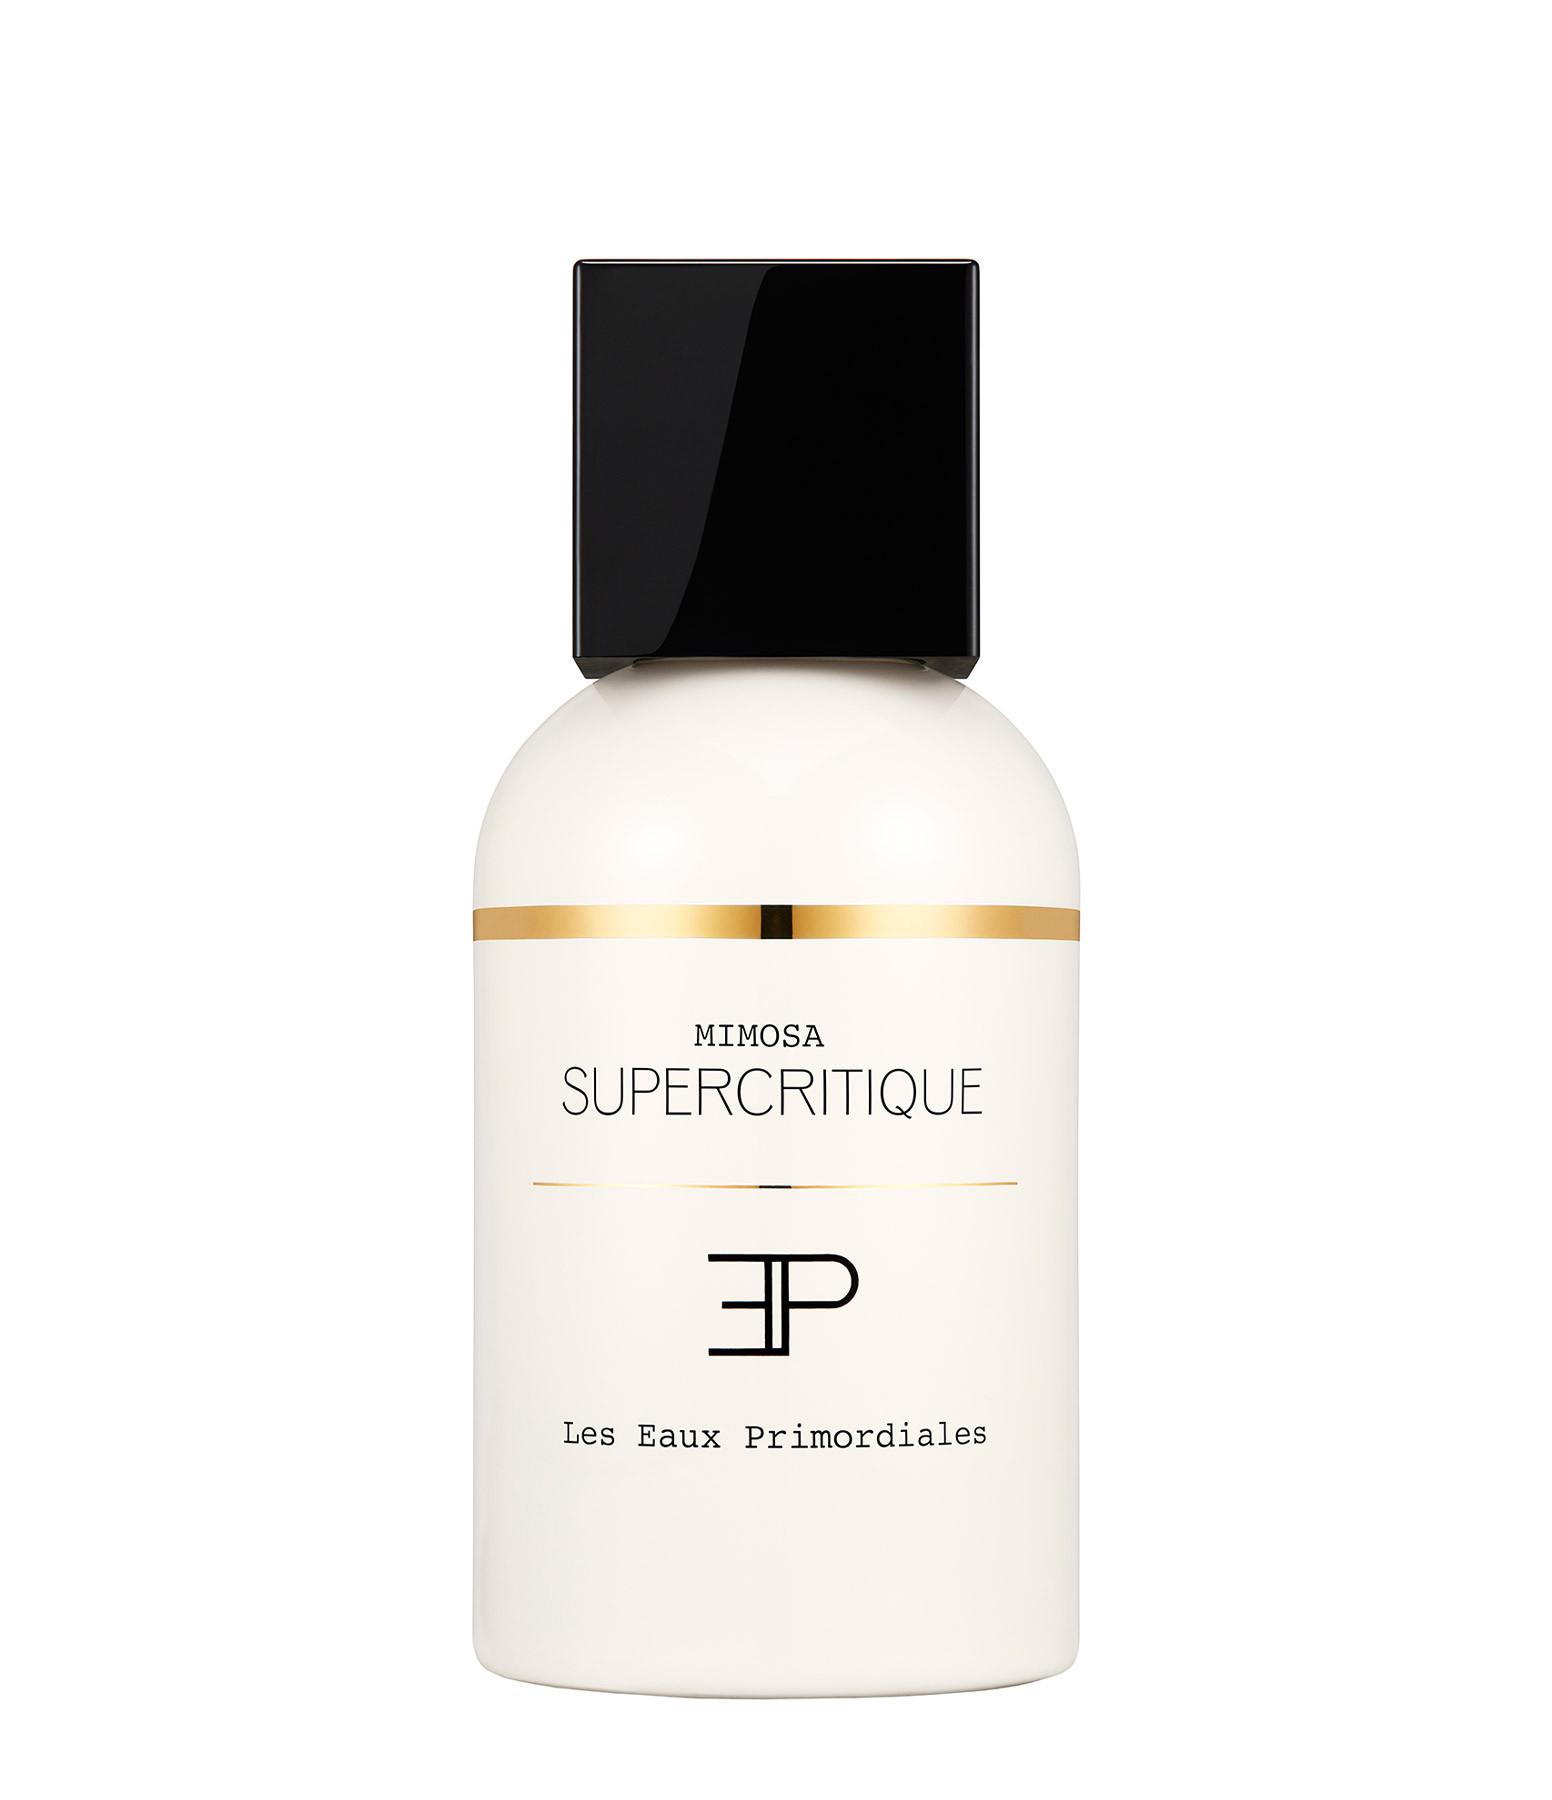 LES EAUX PRIMORDIALES - Eau de Parfum Supercritique Mimosa 100 ml